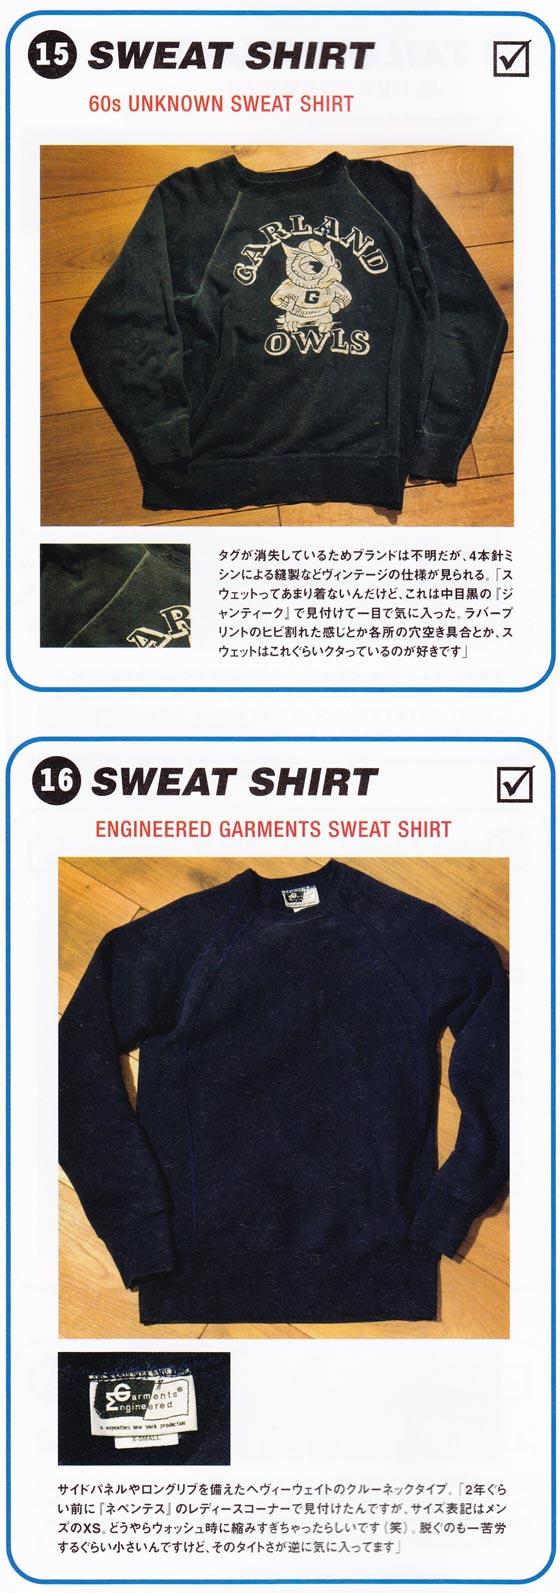 sweatshirt_06